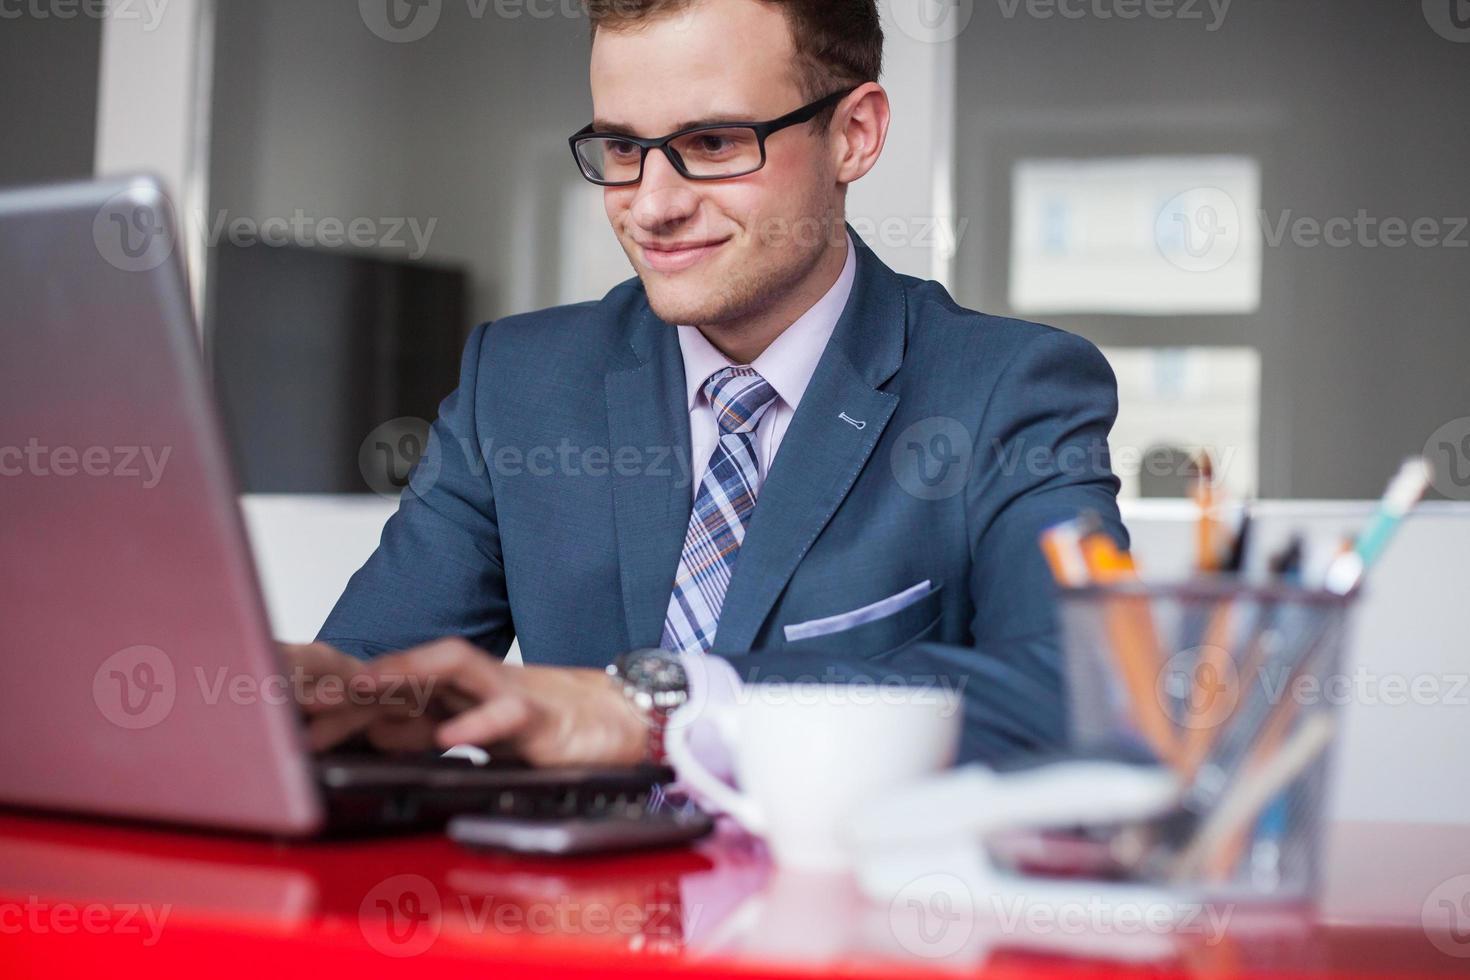 giovane imprenditore che lavora in ufficio brillante. foto